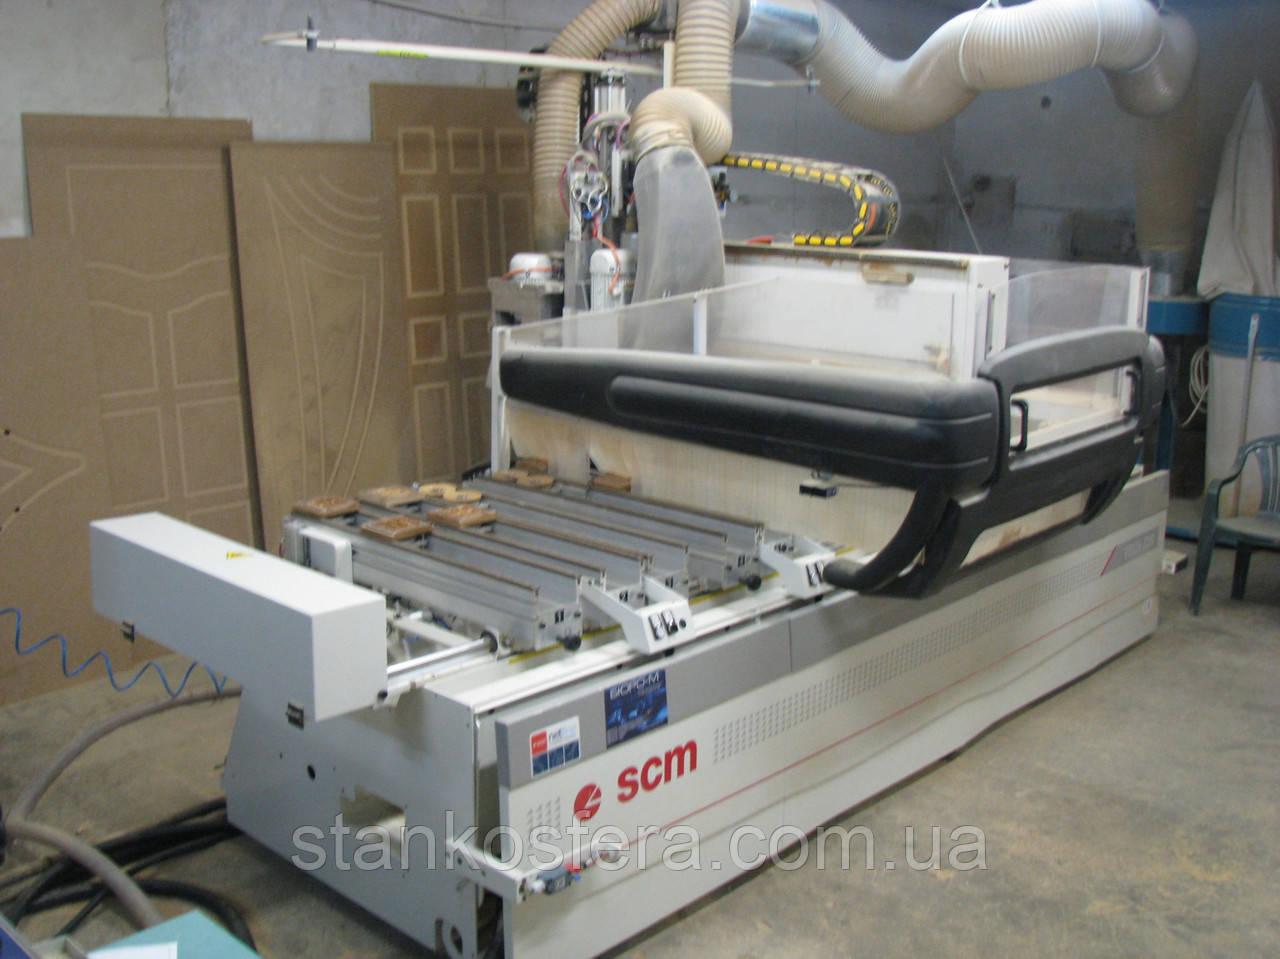 Обрабатывающий центр бу SCM Tech Z25 (сверлильно-фрезерный станок с ЧПУ) 08г.